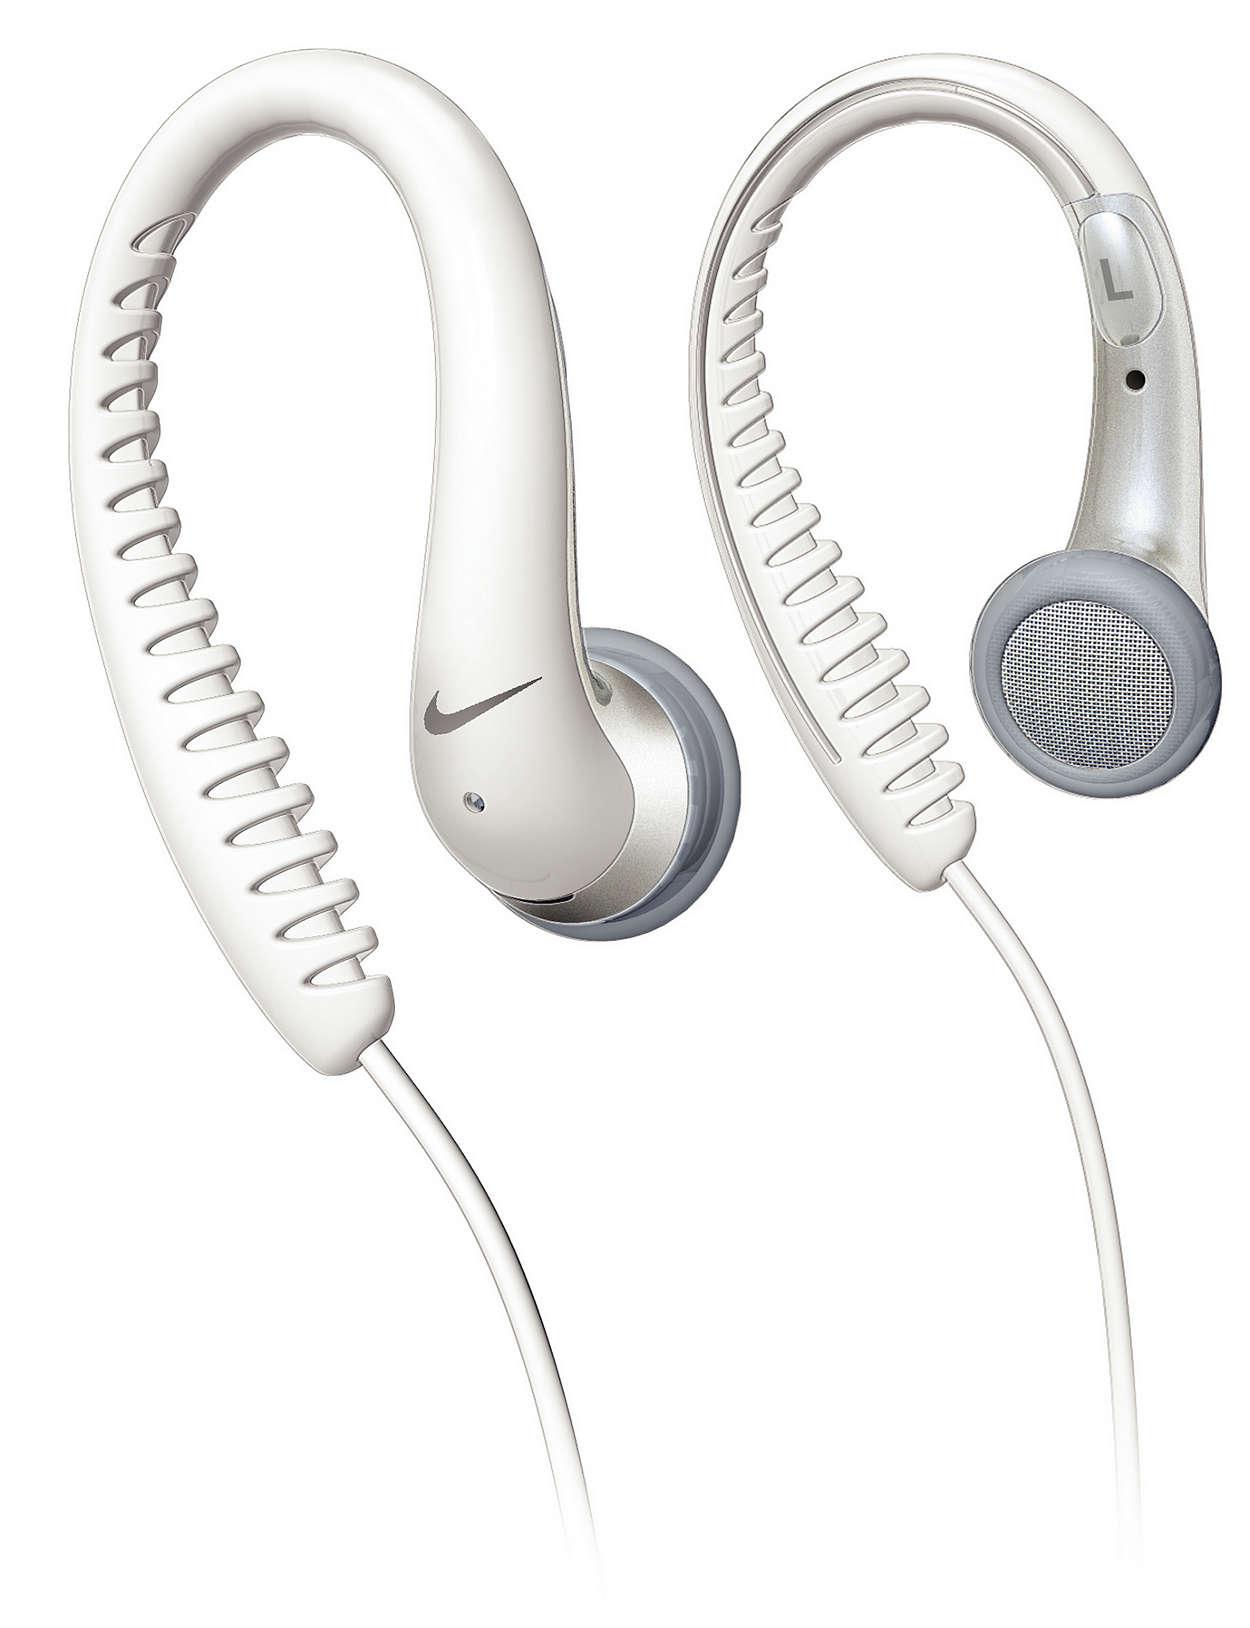 Tour d'oreille en caoutchouc flexible